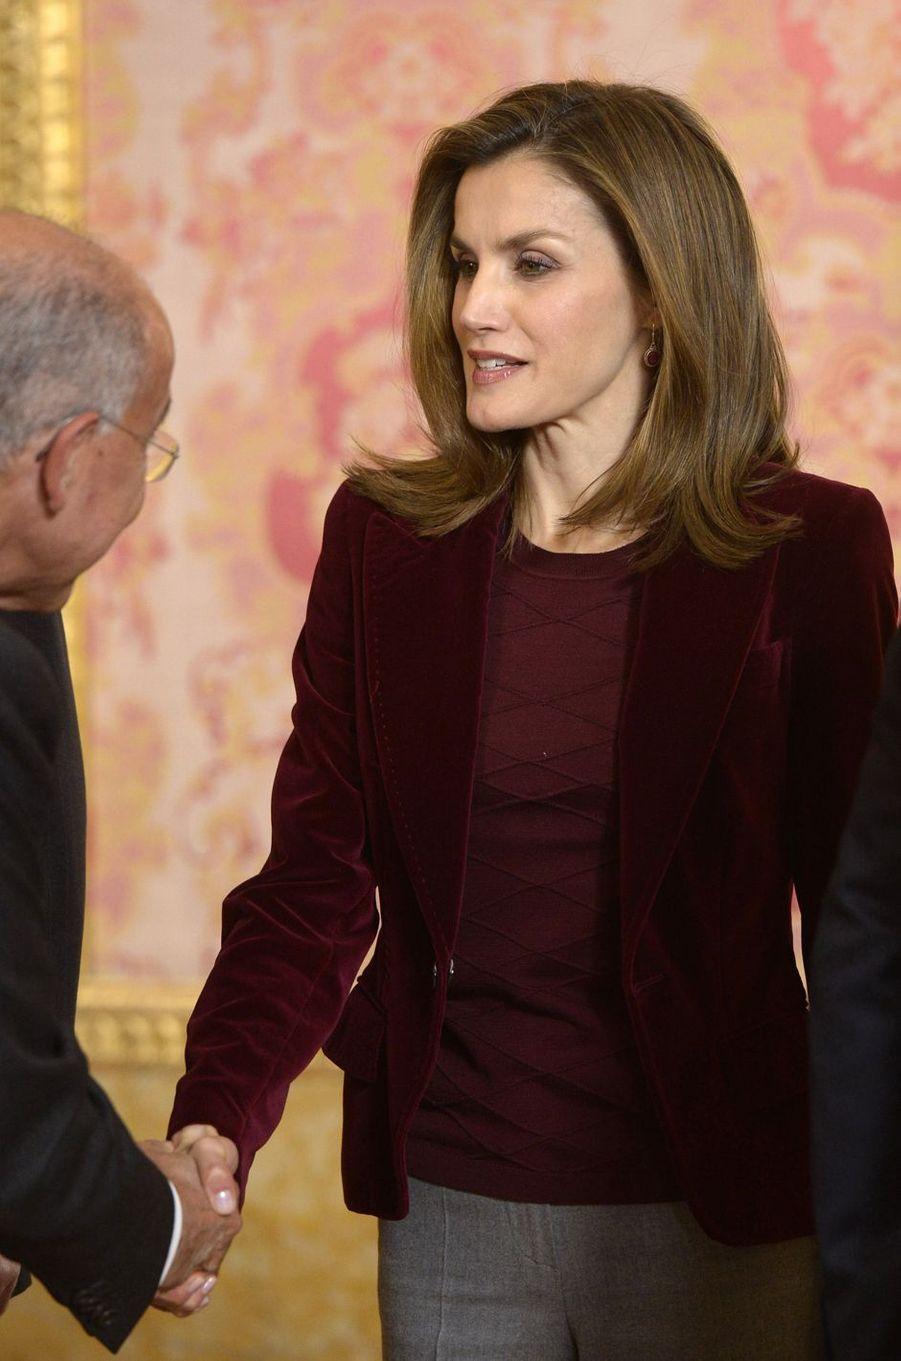 La reine Letizia d'Espagne avec un membre du conseil de la Fondation princesse de Gérone au Palais royal à Madrid, le 14 décembre 2016